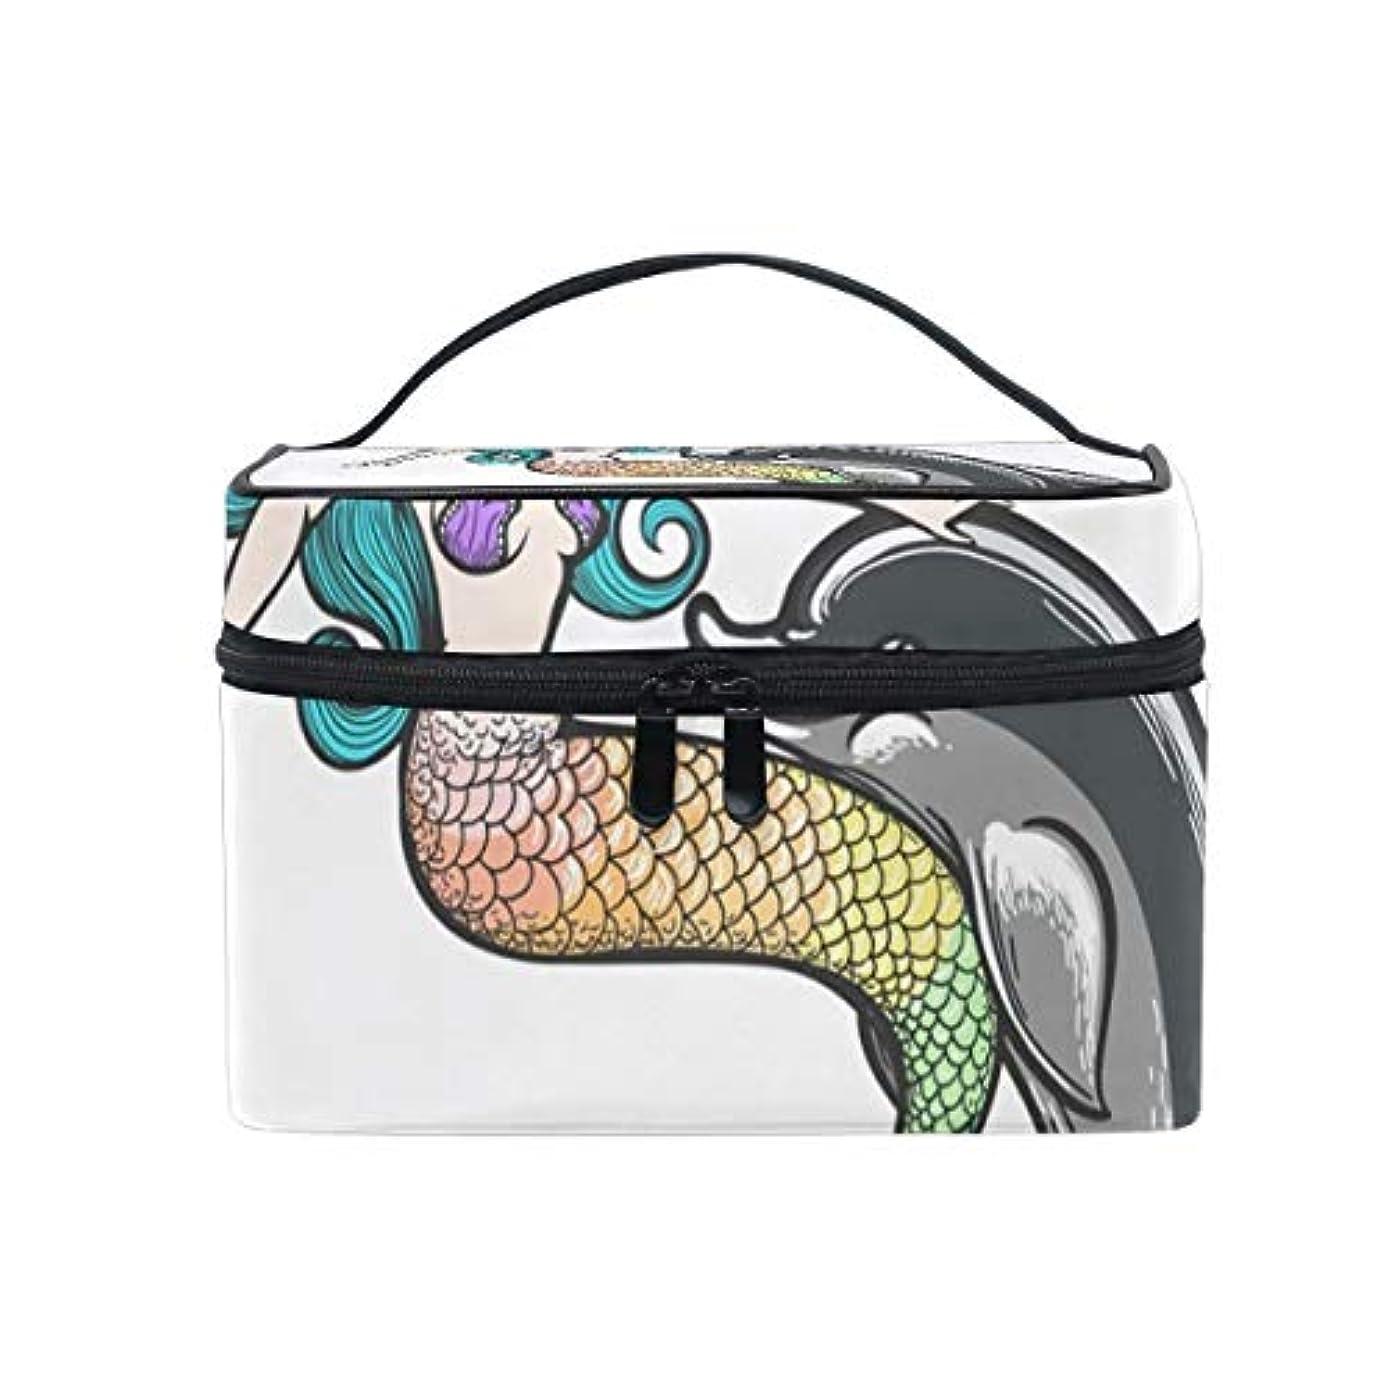 ベイビーコーンウォール遺伝子メイクボックス イルカ 人魚柄 化粧ポーチ 化粧品 化粧道具 小物入れ メイクブラシバッグ 大容量 旅行用 収納ケース